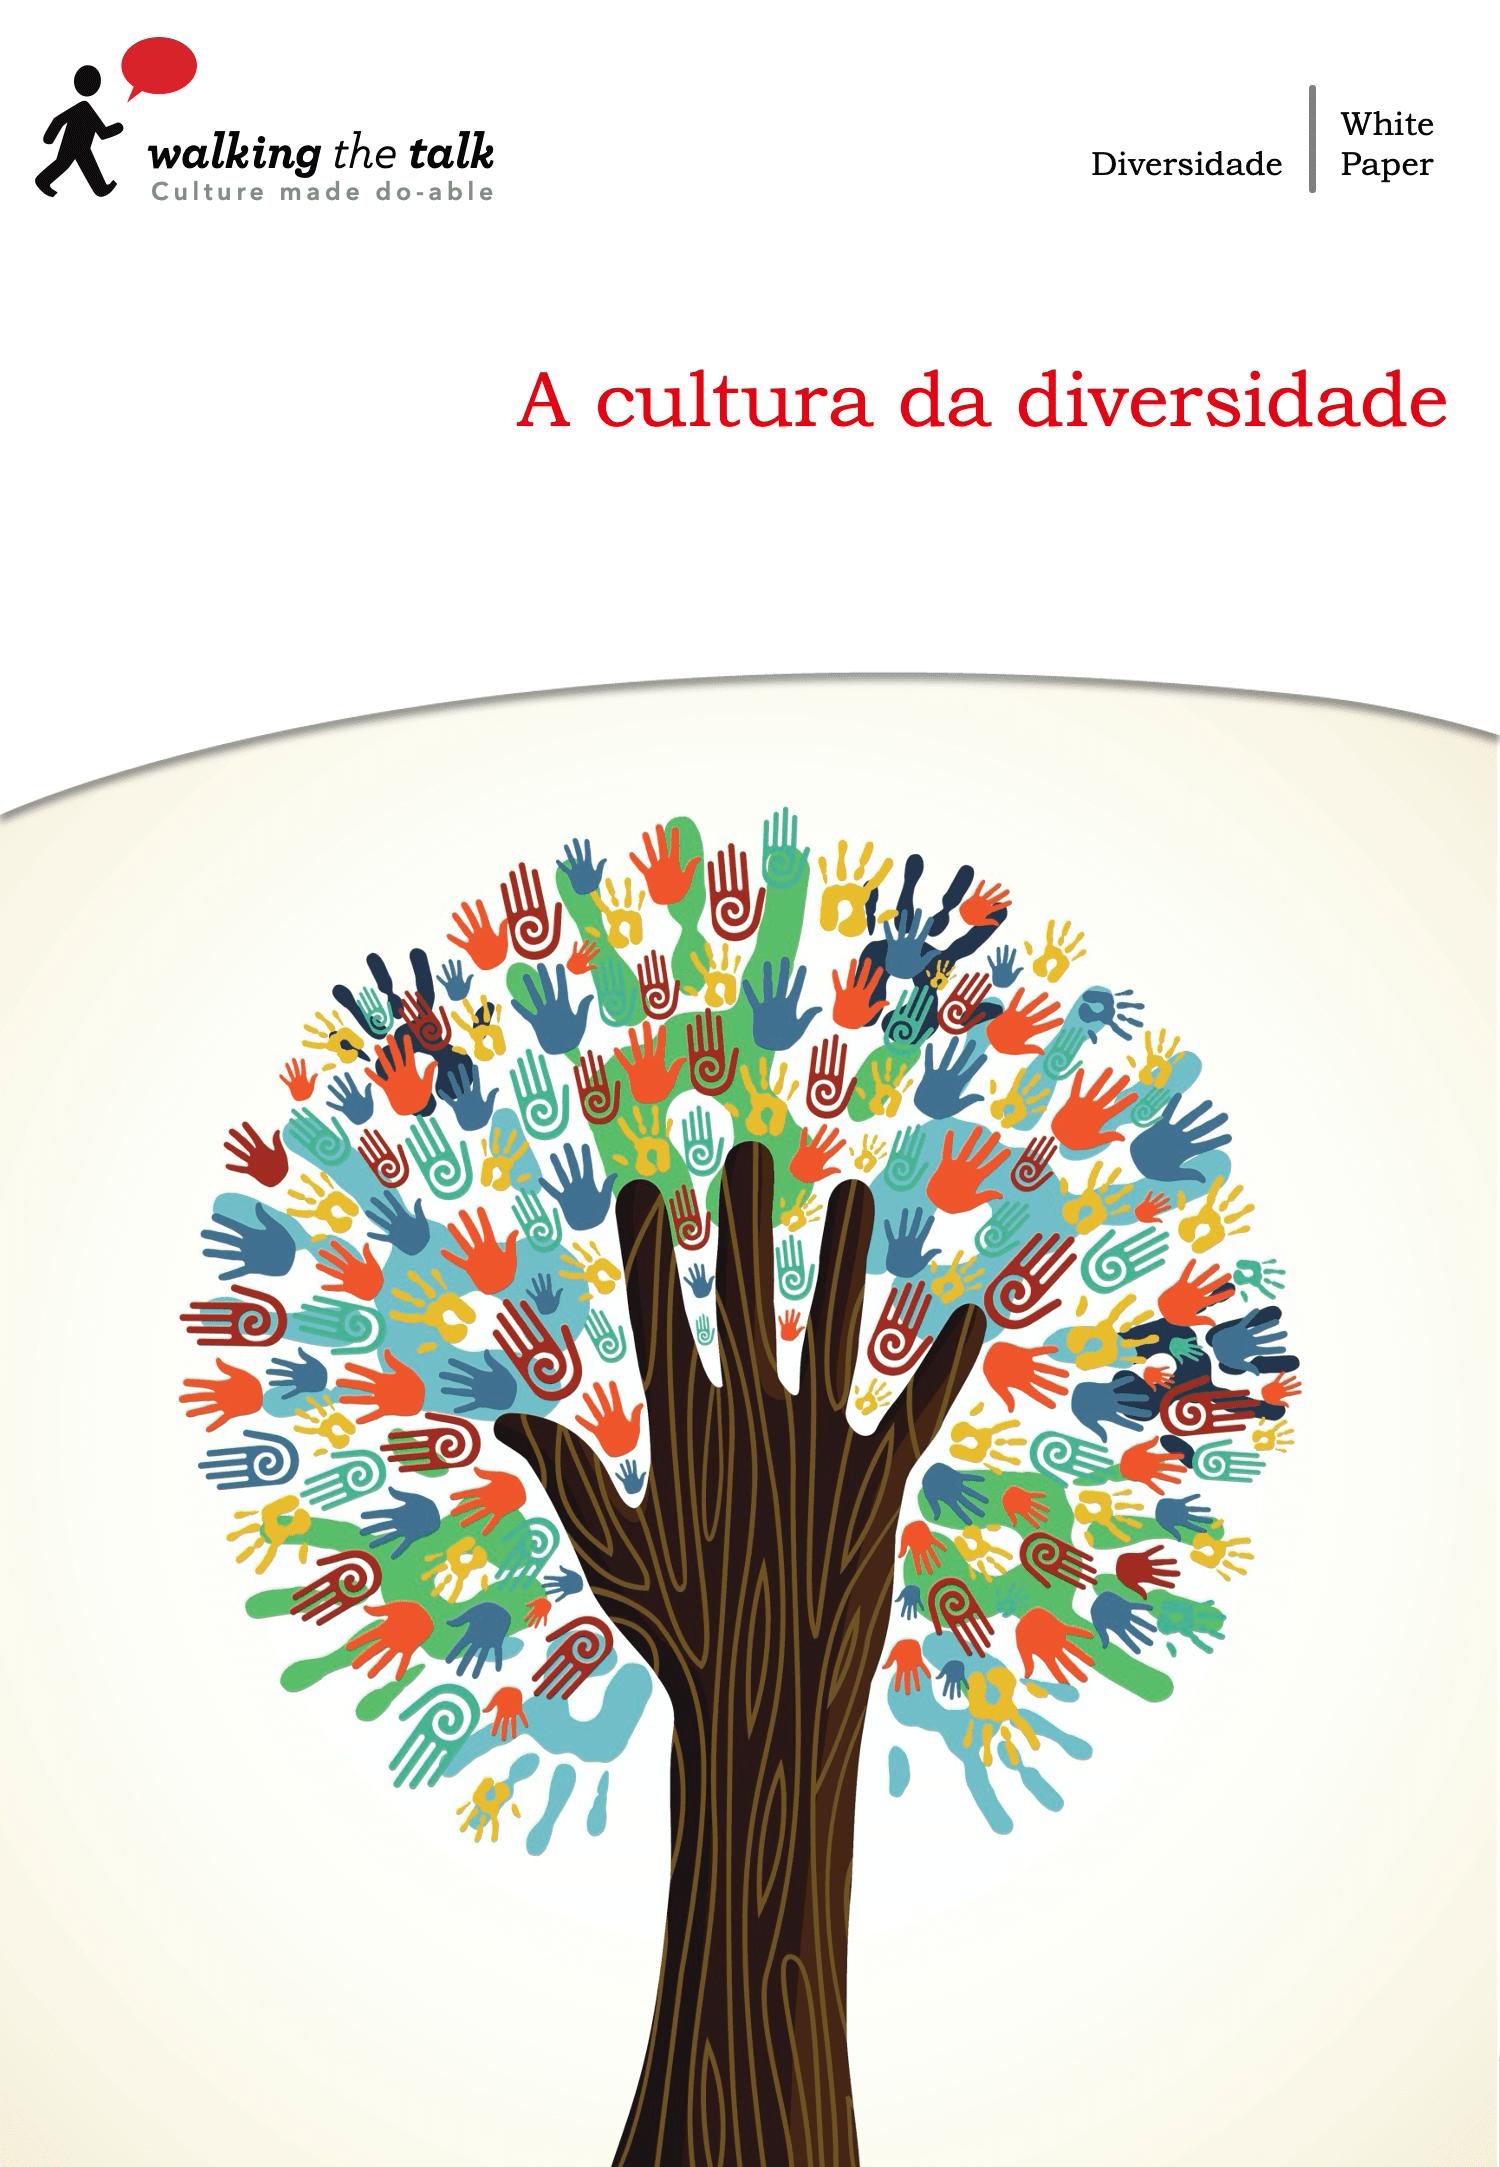 Diversity Portuguese